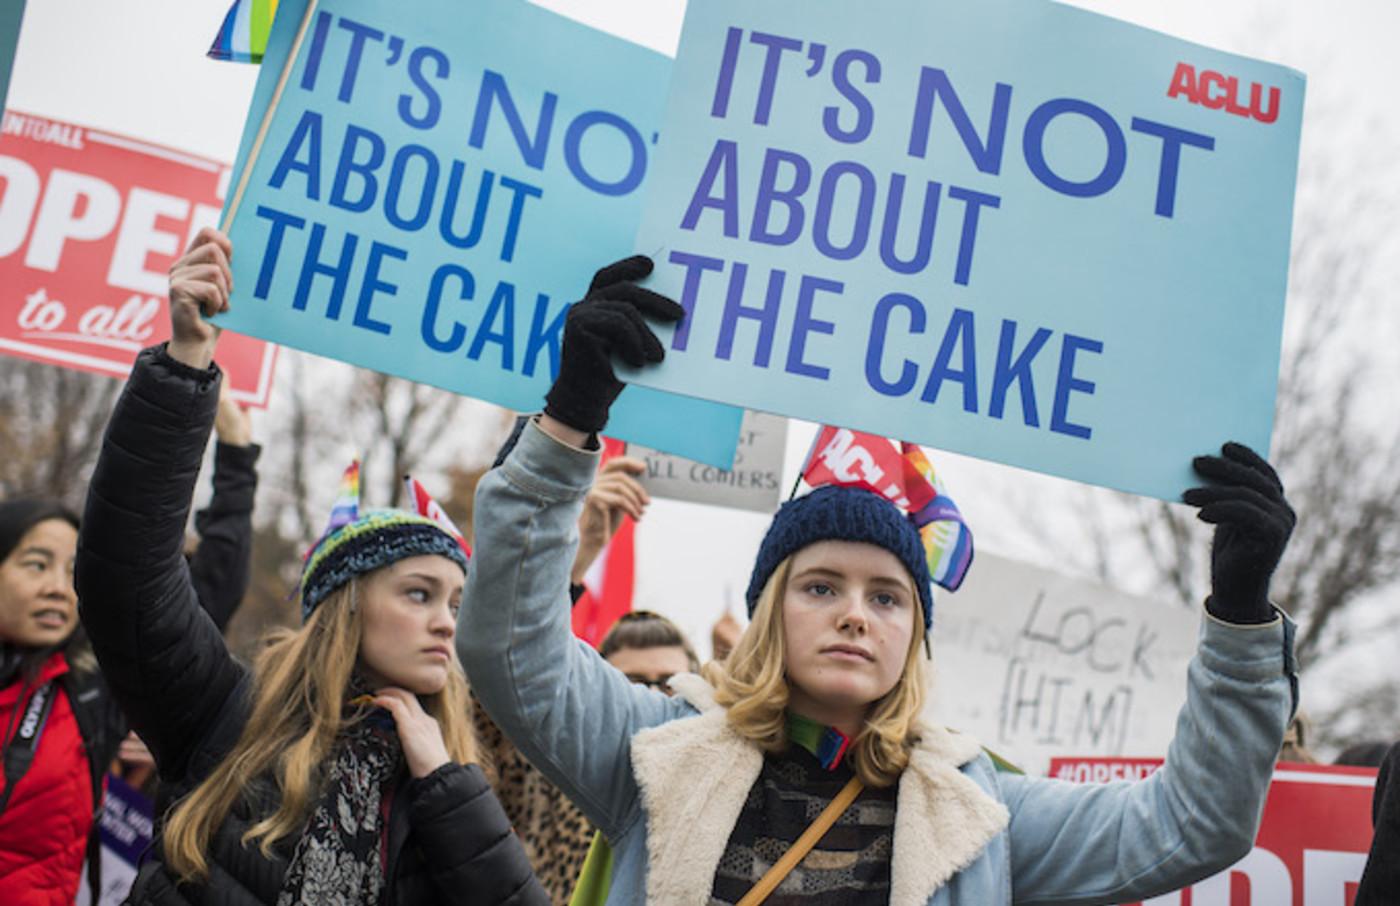 Supreme Court Cake Protest